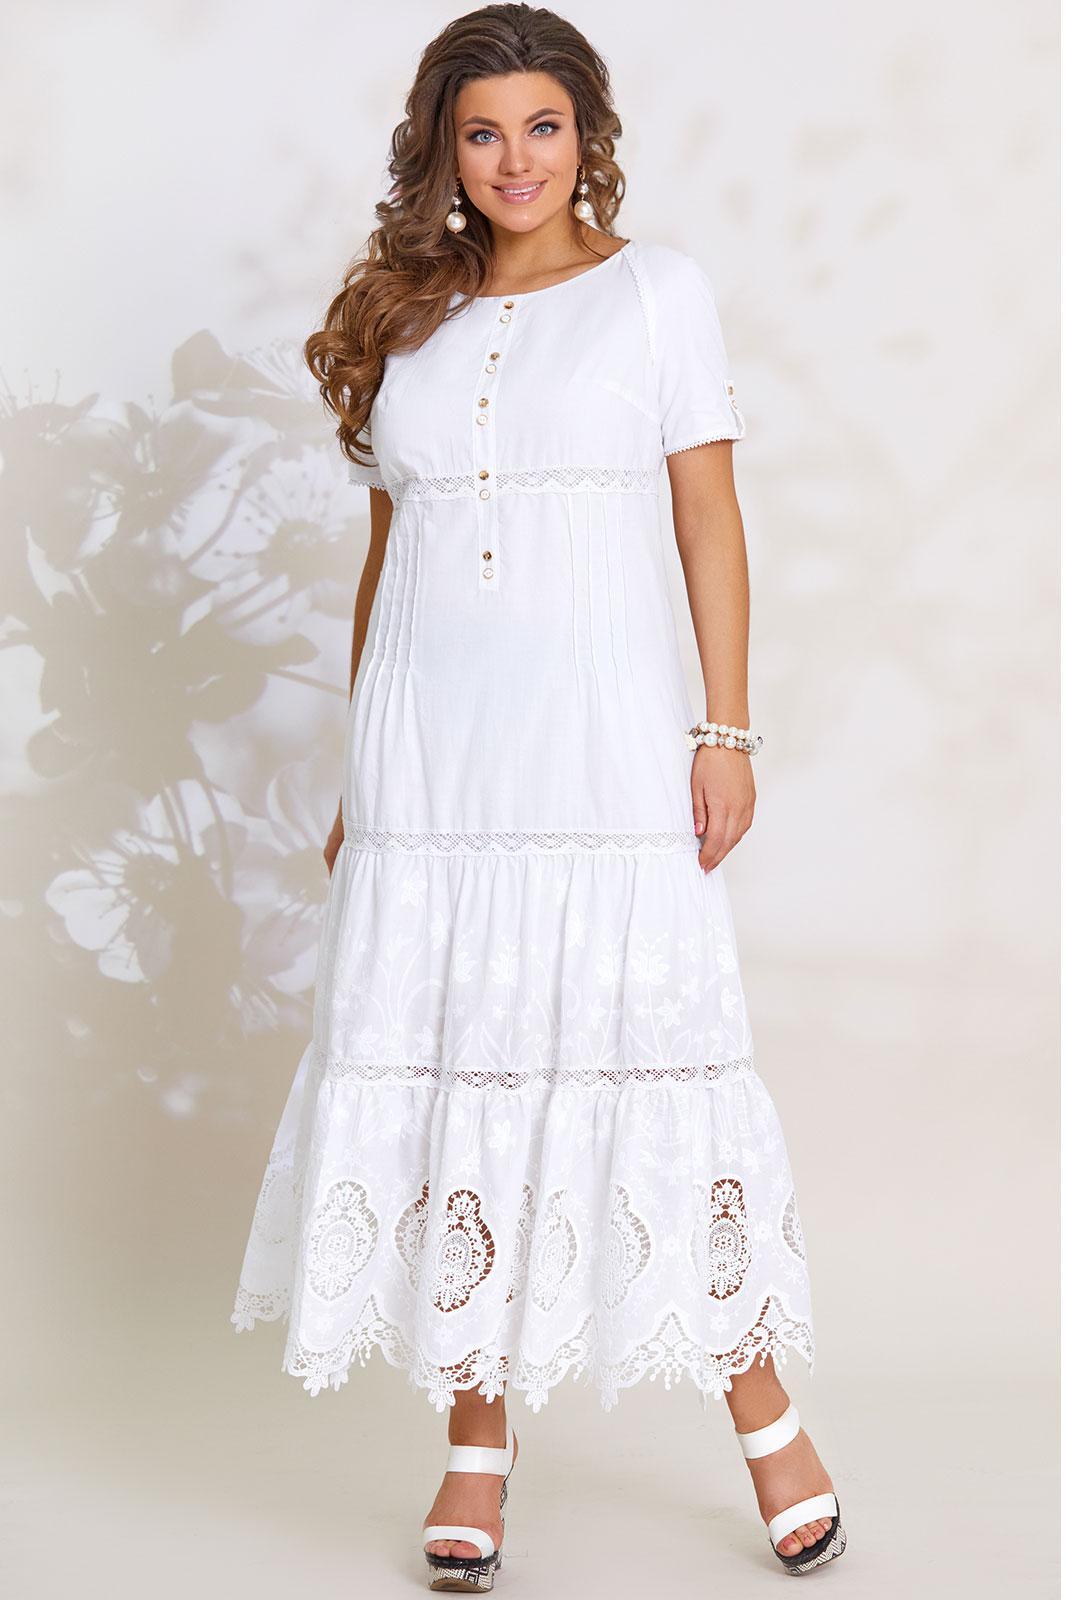 5ad1a3995a13 Купить нарядное платье большого размера. Нарядные платья для полных